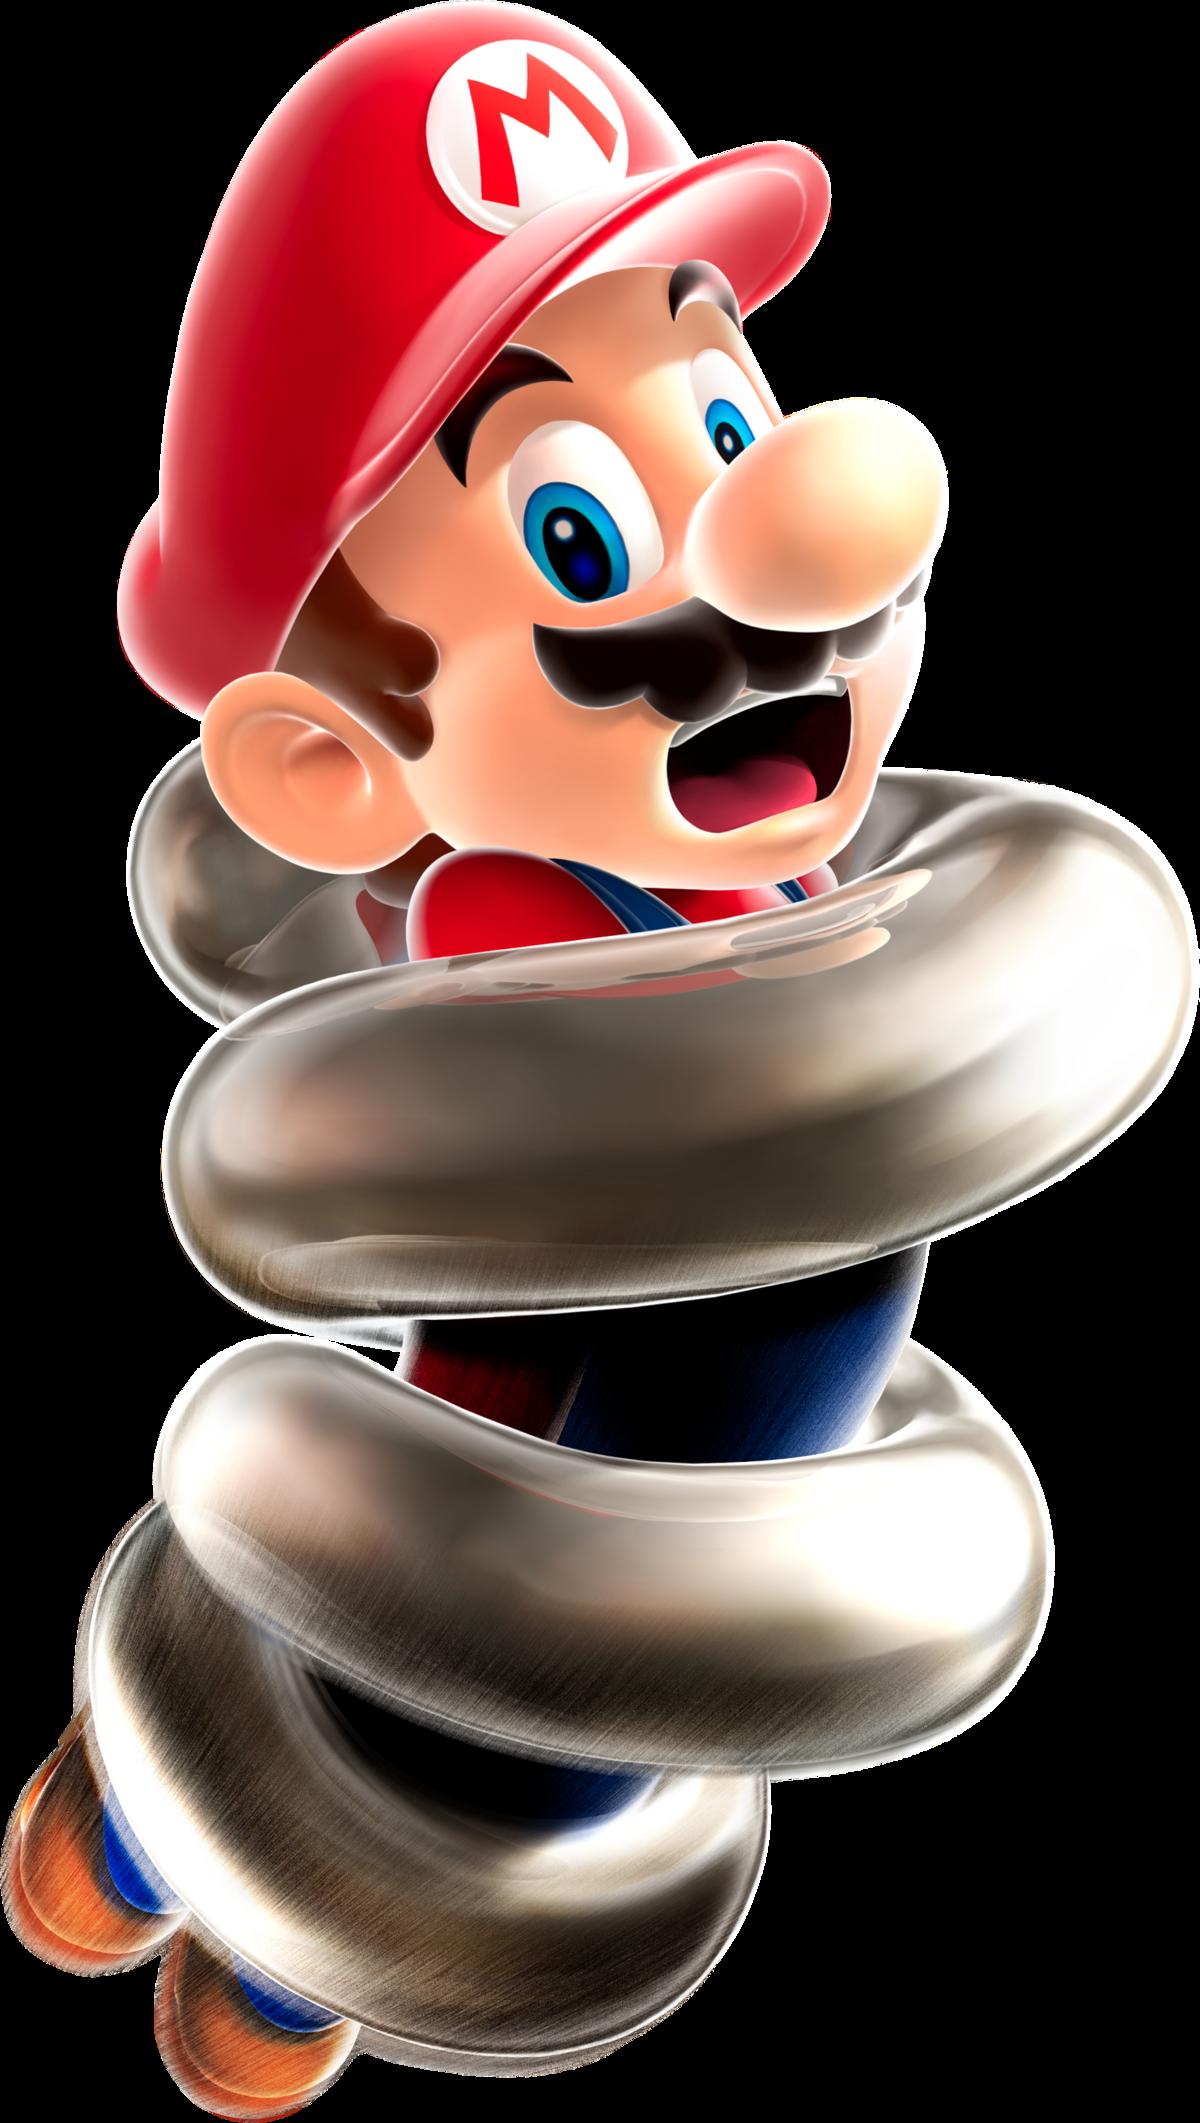 Download Game Super Mario All-stars %2b Super Mario World